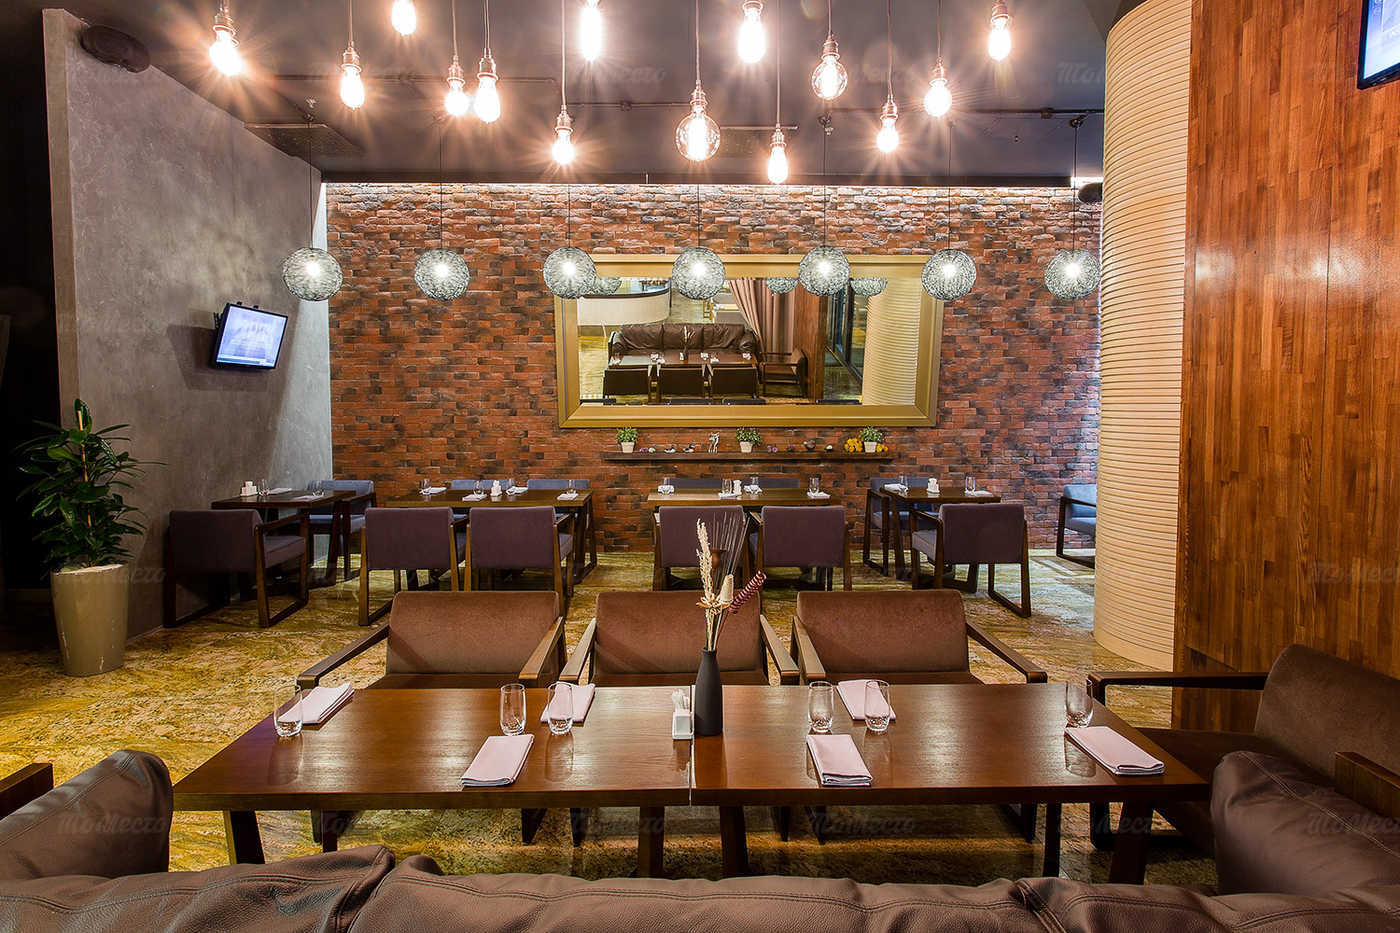 Меню кафе Boncafé (Бонкафе) в Санкт-Петербургском